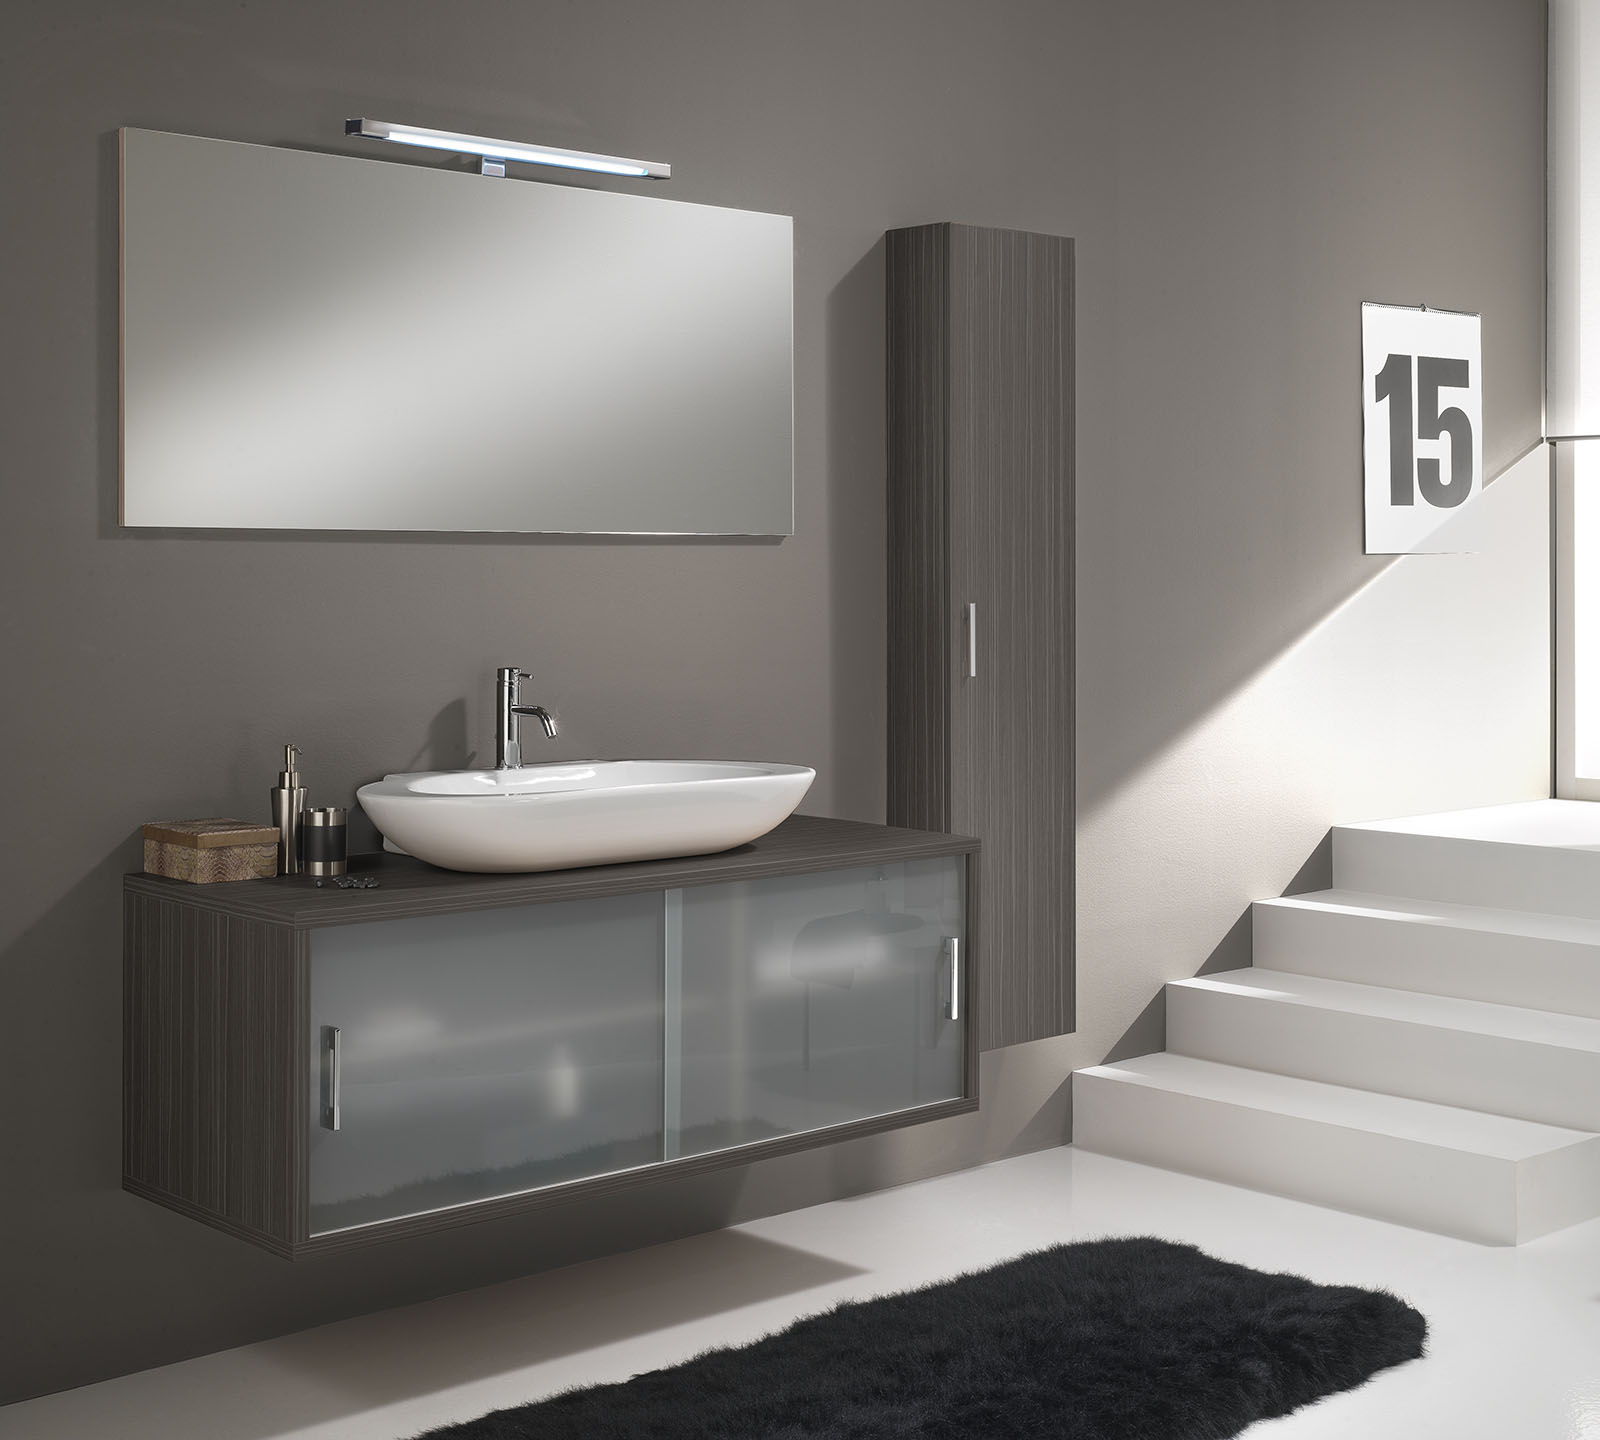 Arredo bagno giava 06 pino grigio cm 130 duzzle - Mobili per lavabo bagno ...